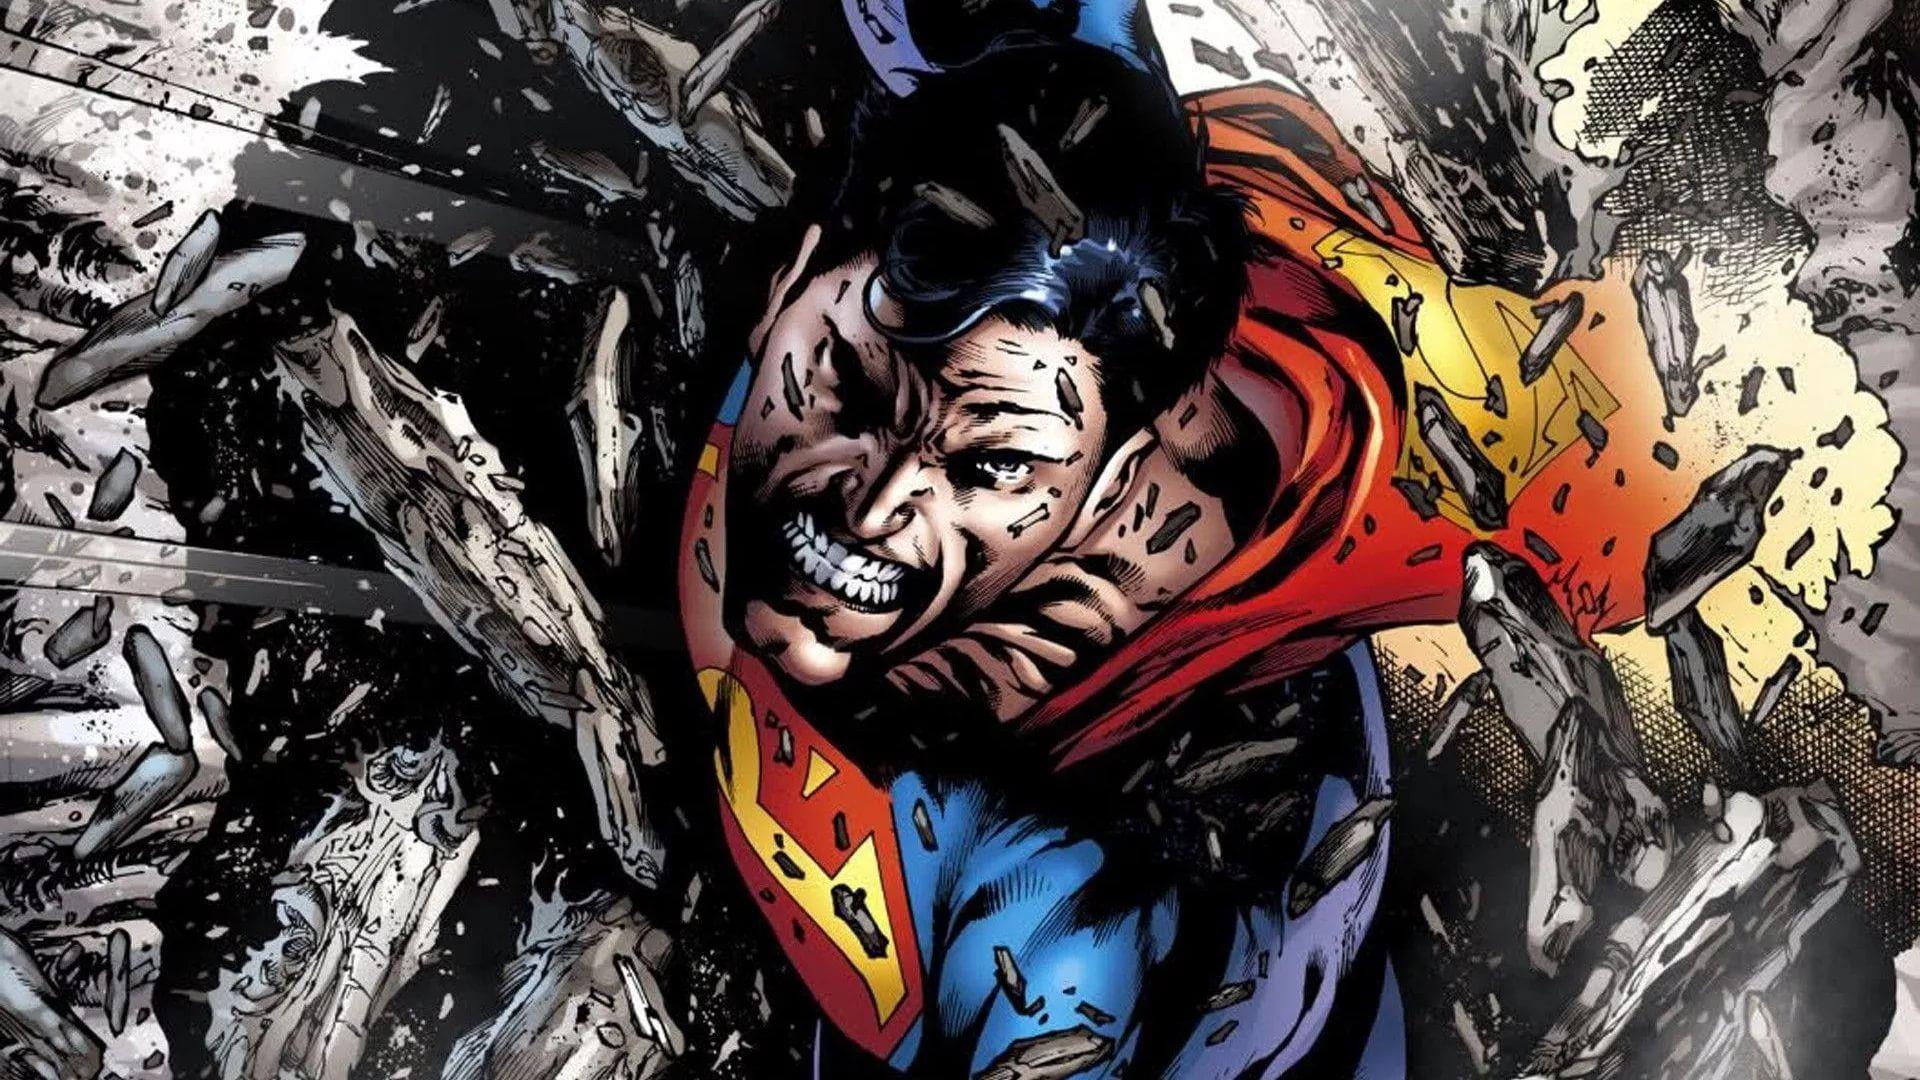 Comic Book Download Wallpaper